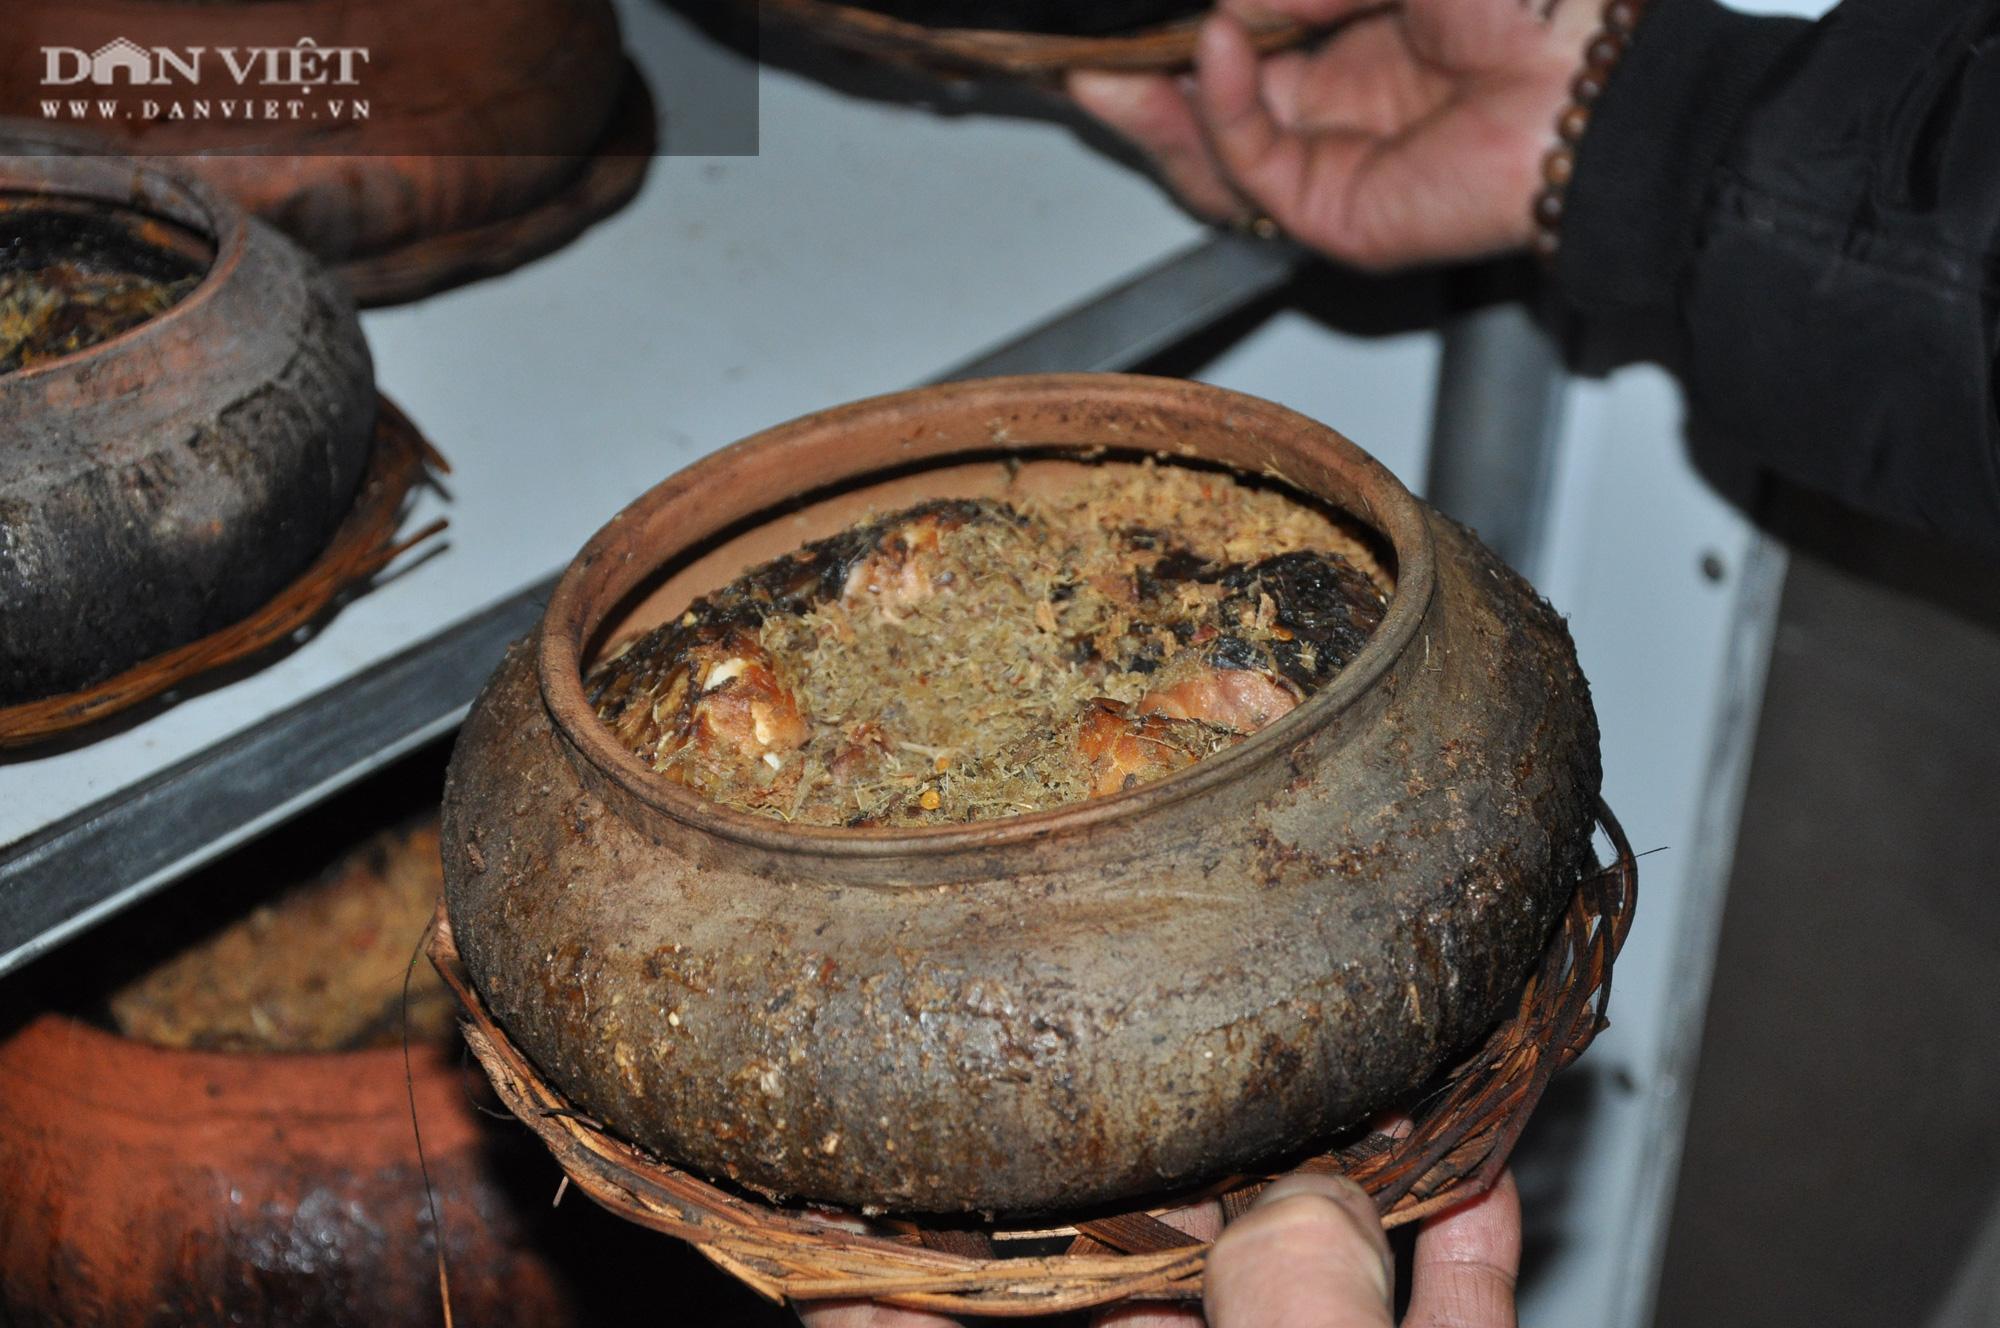 Không ngờ chỉ pha trộn gia vị đơn giản này mà lão nông Hà Nam lại làm được món cá kho ngon nhất Việt Nam - Ảnh 3.